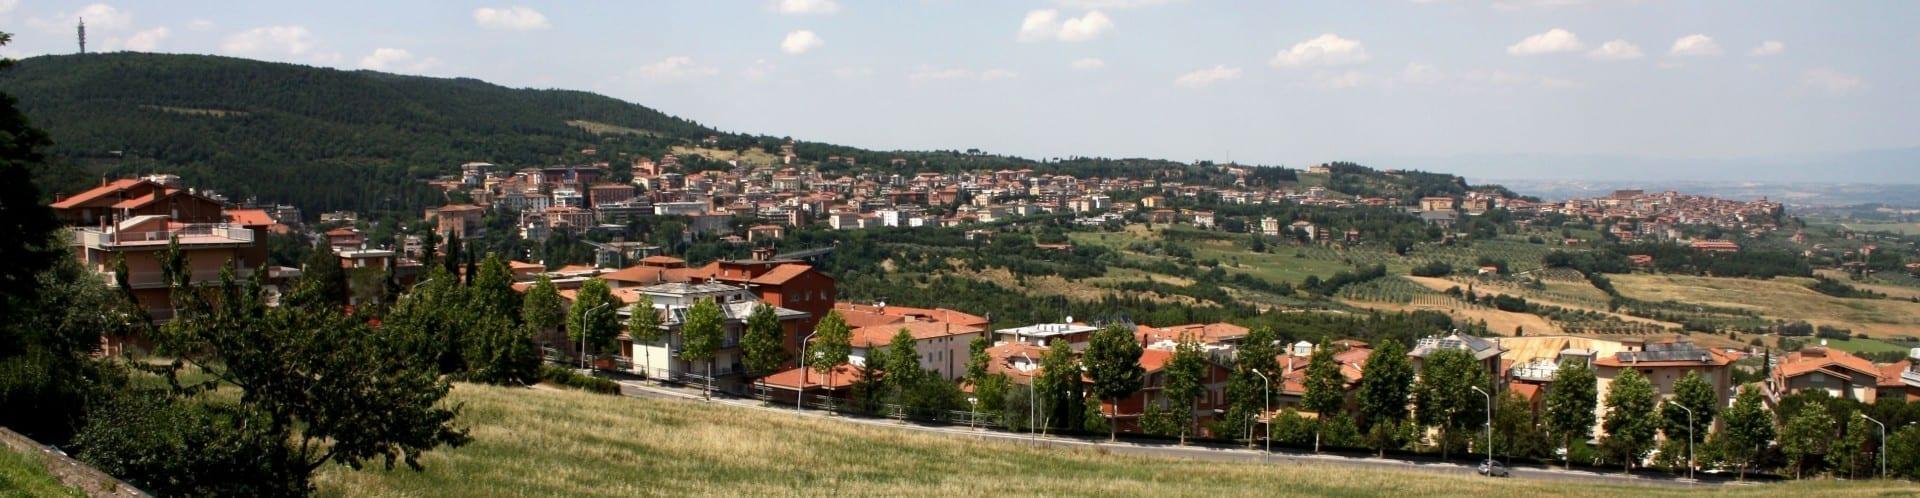 Una vista de Chianciano Chianciano Italia